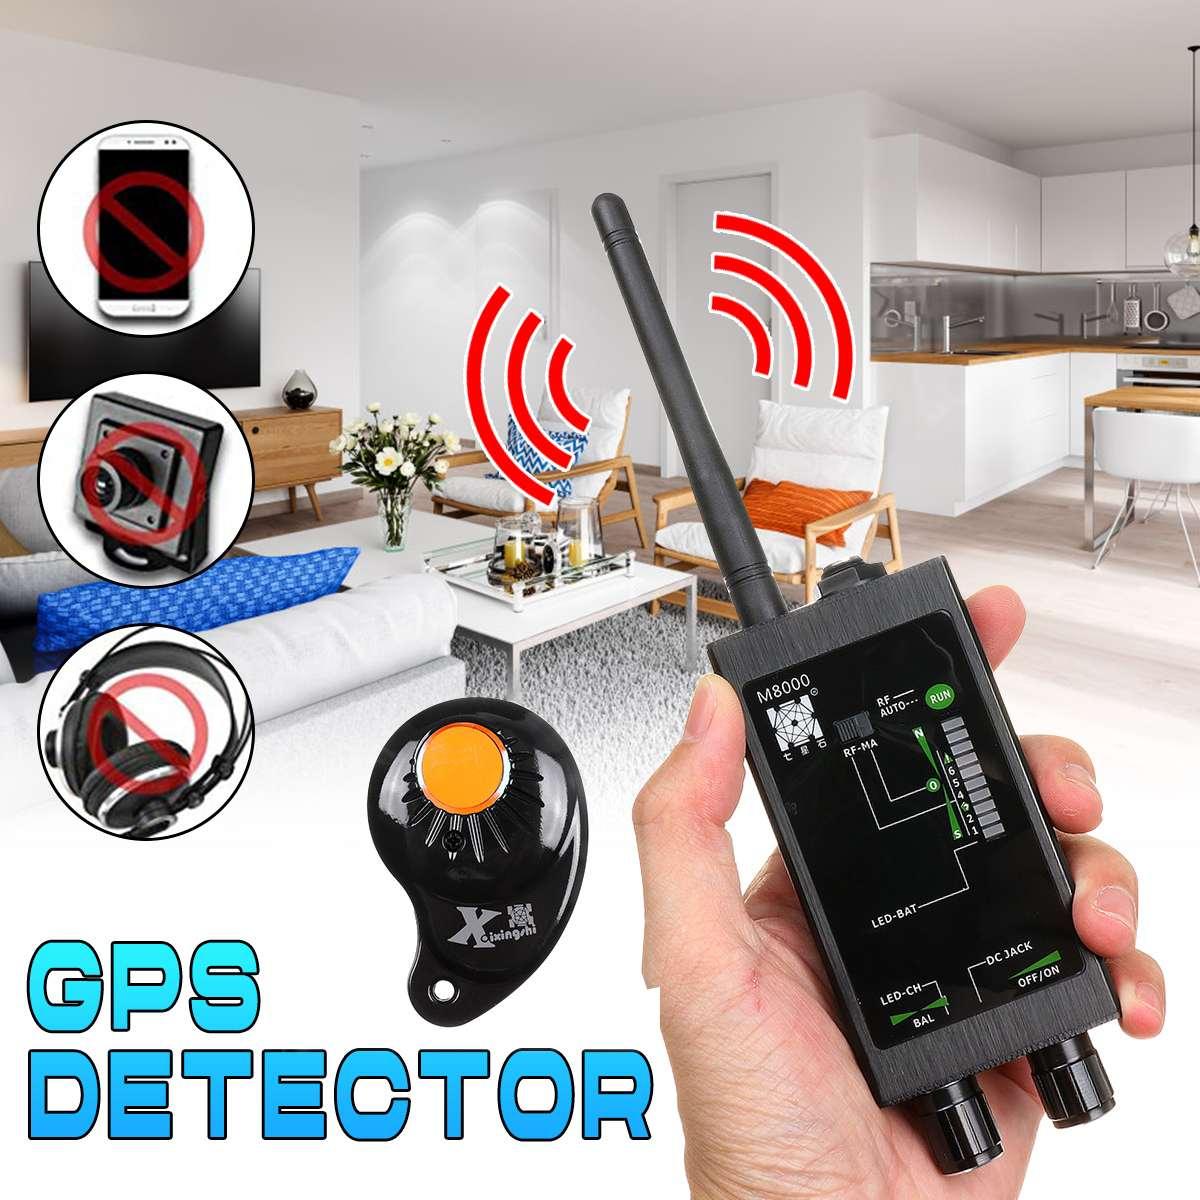 1 комплект M8000 детектор сигнала беспроводной RF детектор сигнала Анти шпион Скрытая камера GSM аудио gps сканирующий Искатель защита конфиденци...